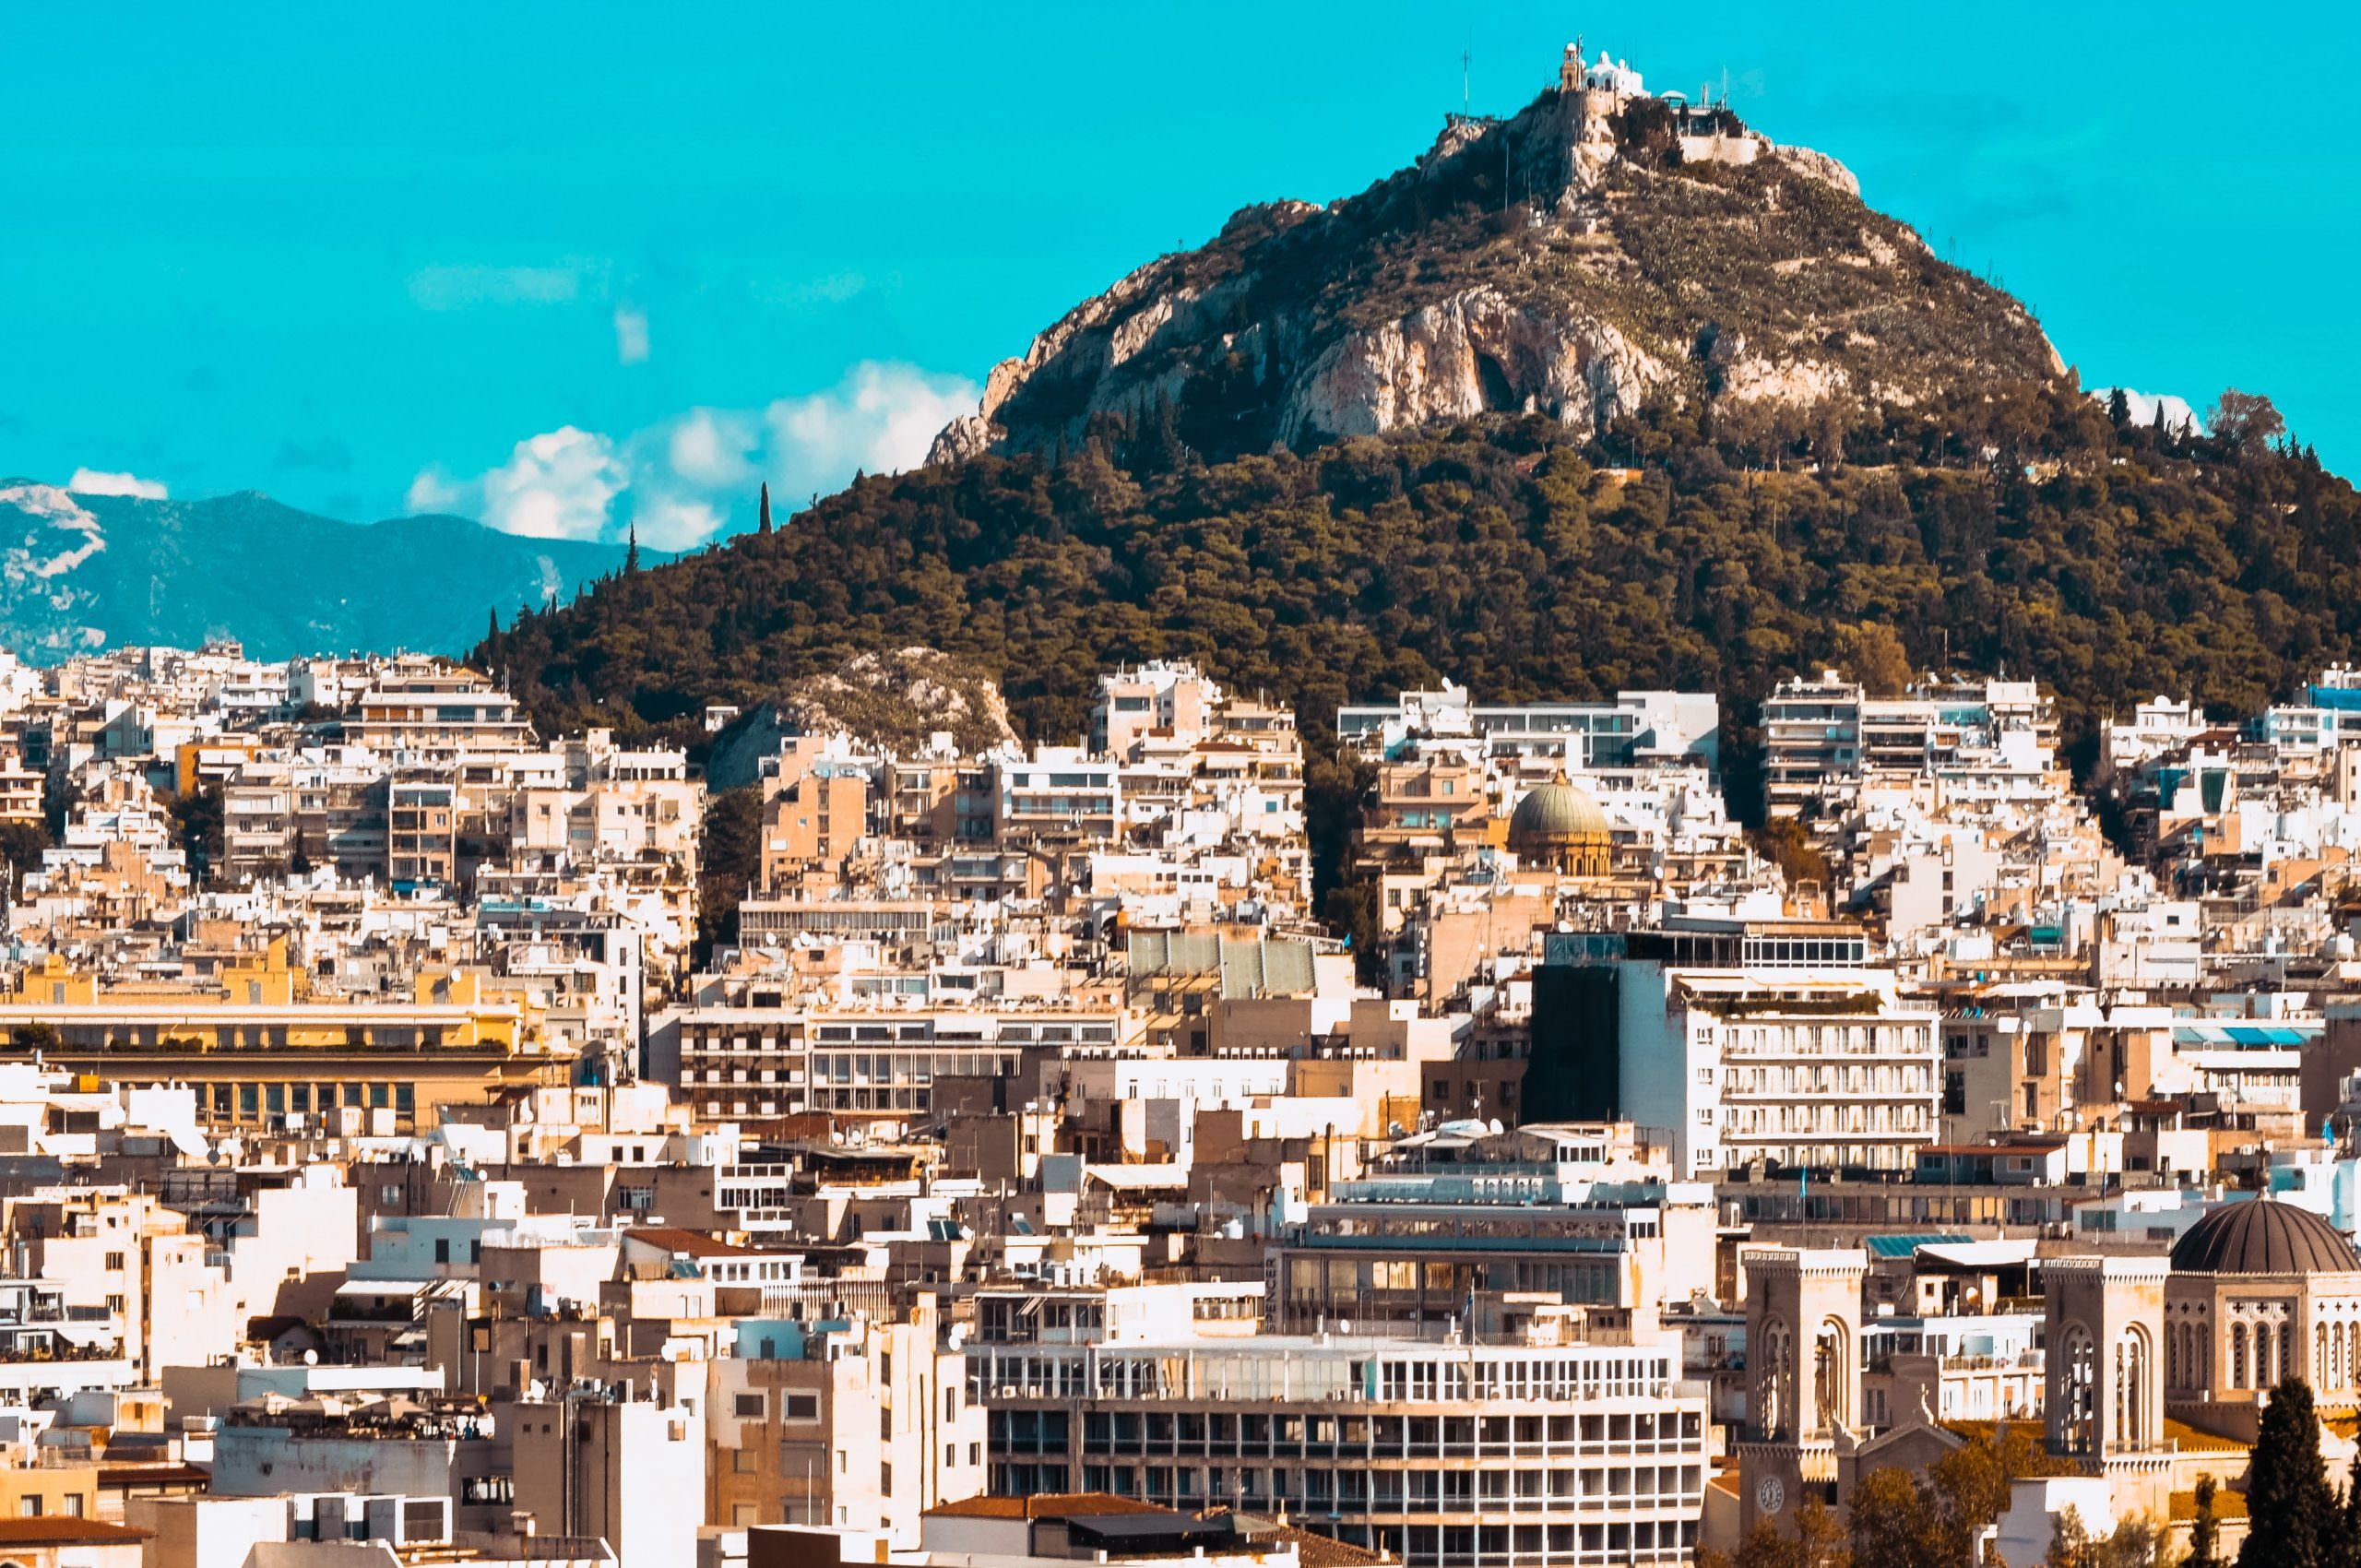 مناطق الجذب السياحي الأكثر شهرة في أثينا